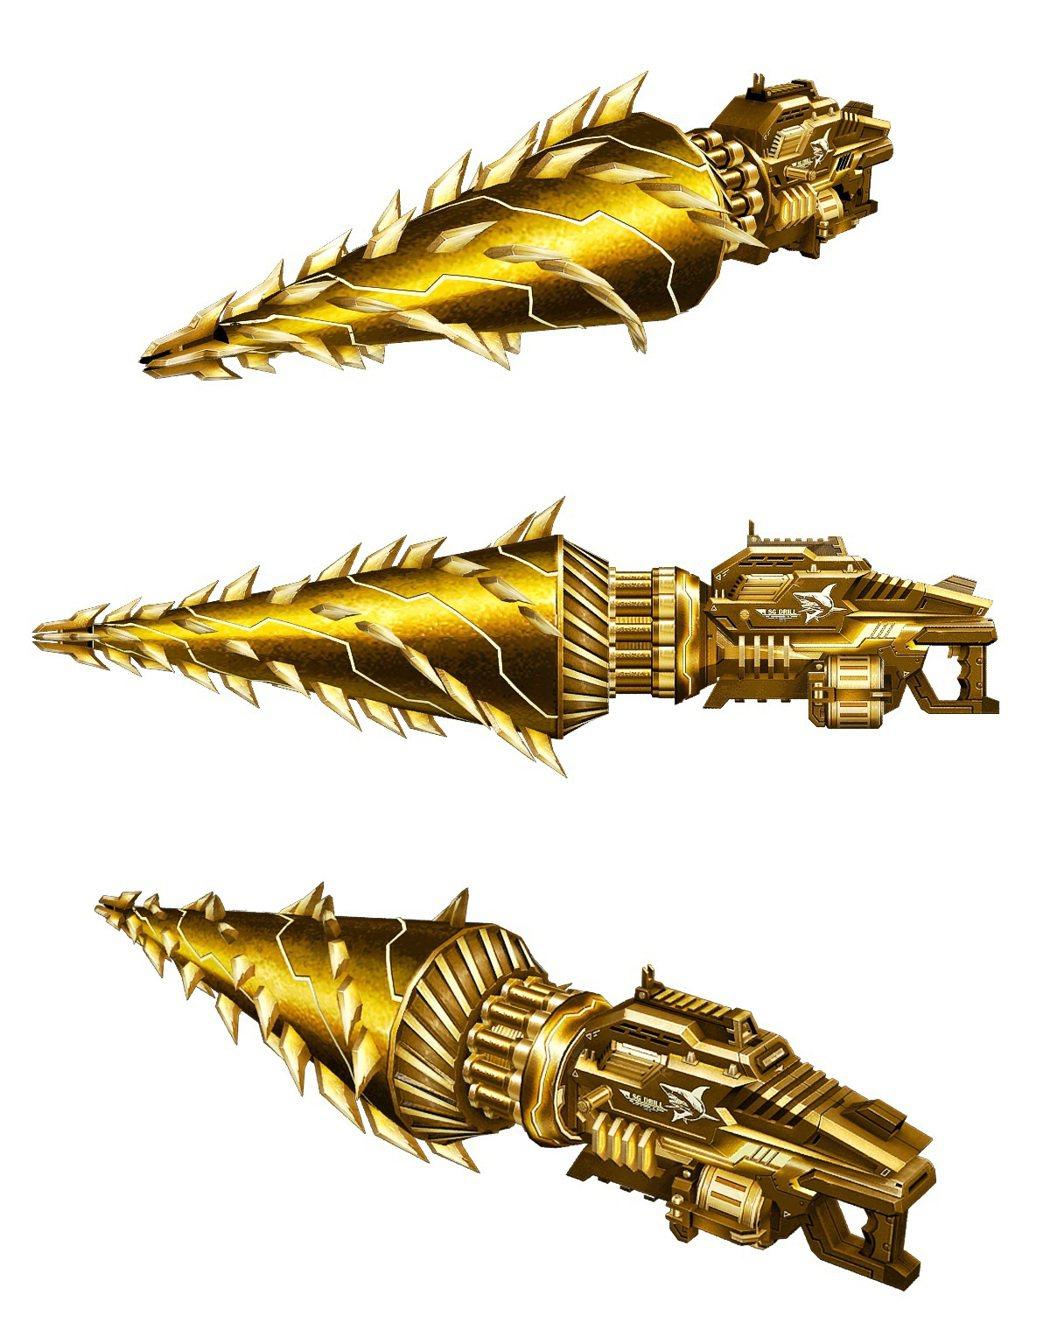 王牌武器「黃金螺旋牙」擁有亮麗黃金塗裝與近戰擊退能力。